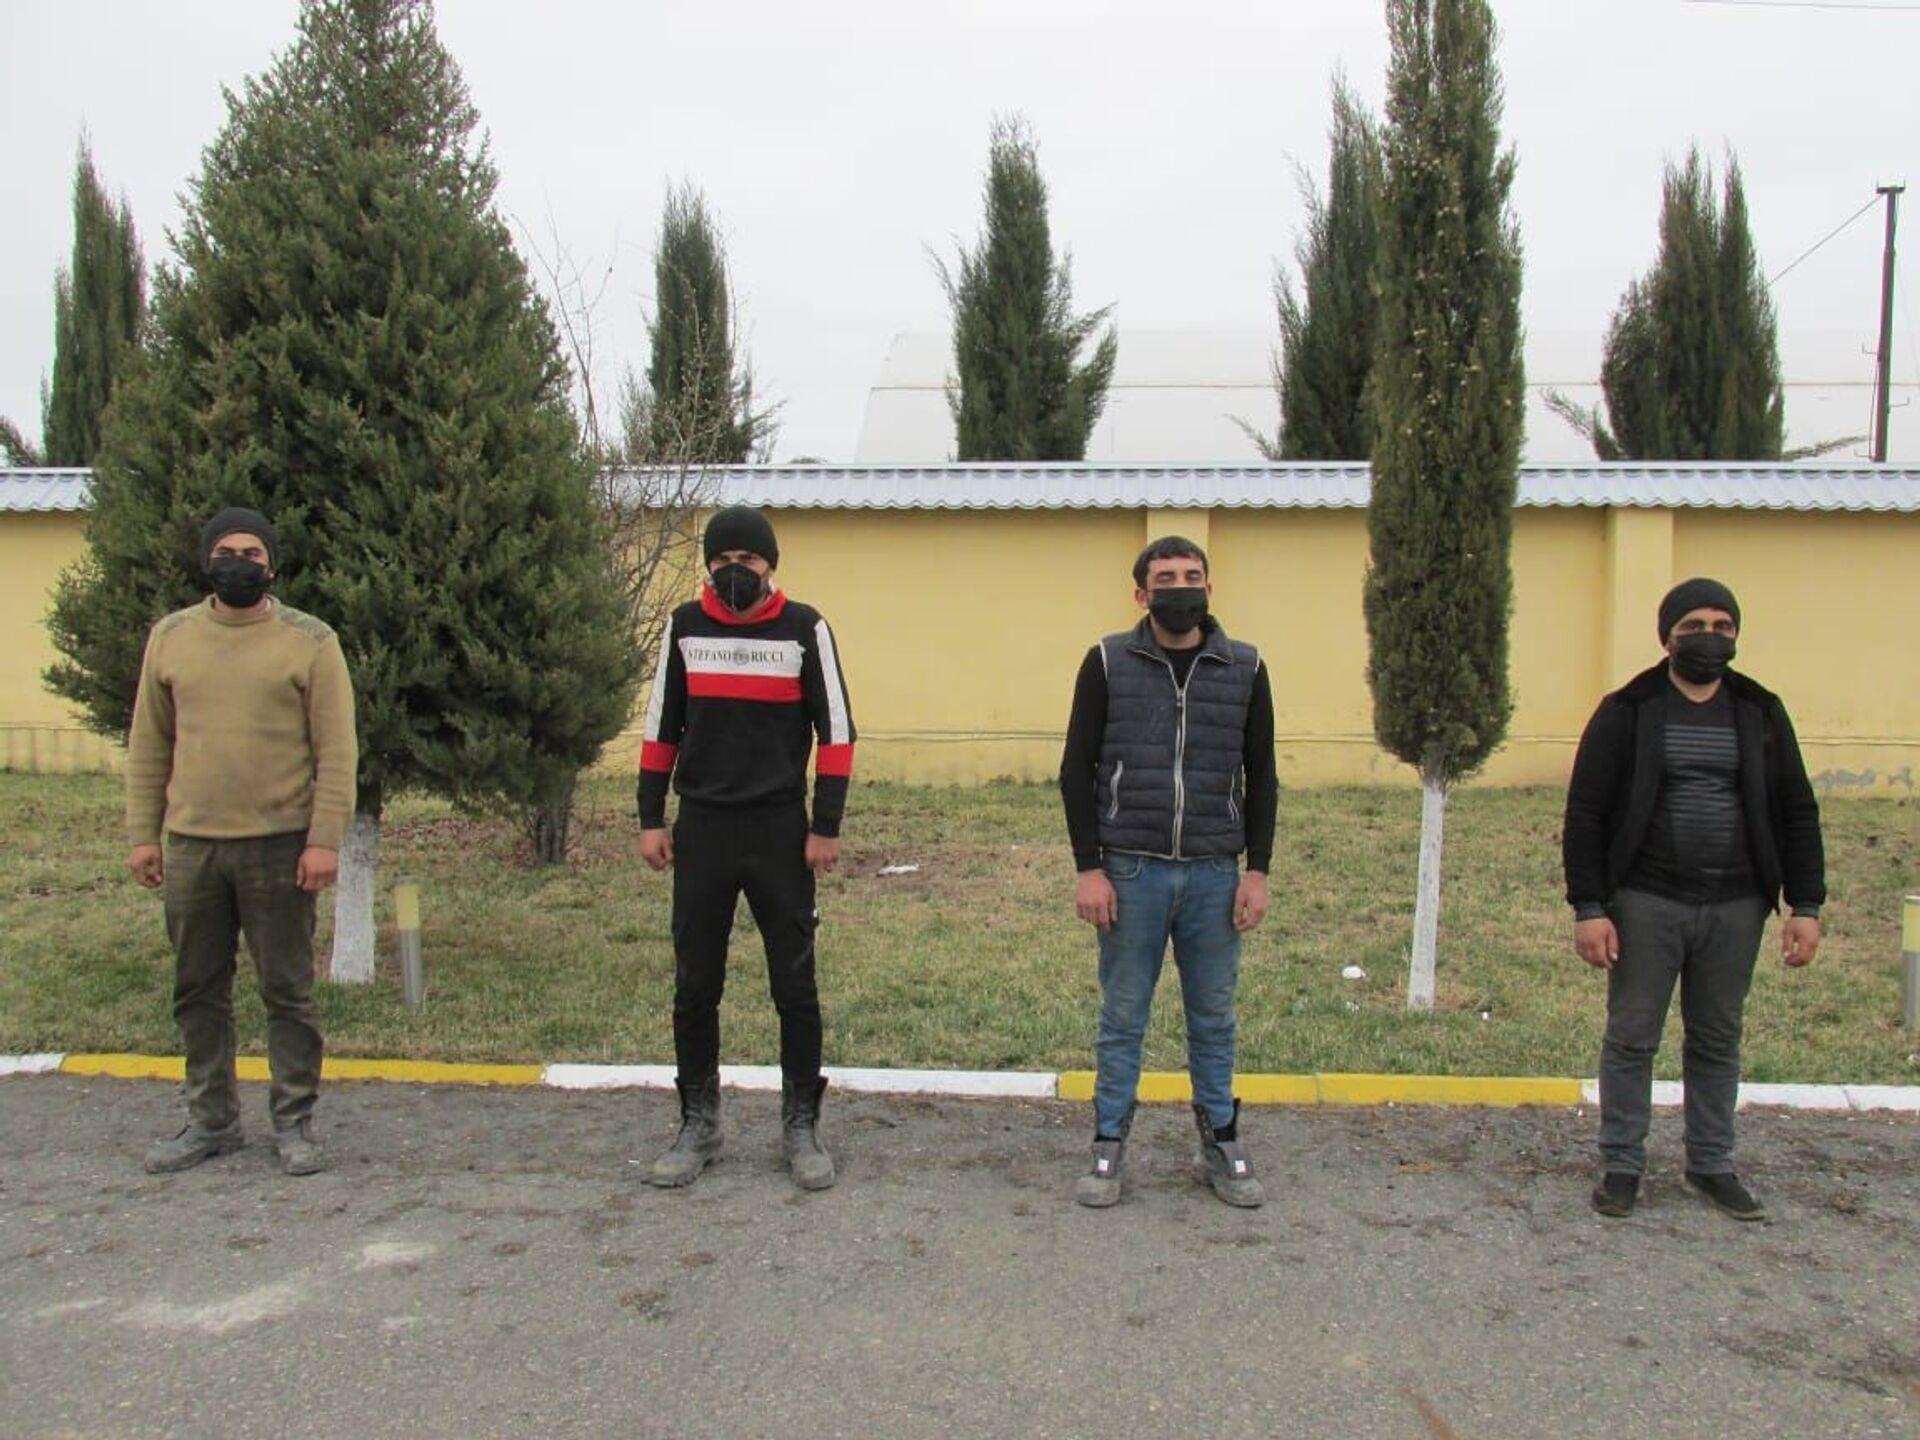 На освобожденных землях задержана очередная группа нарушителей - Sputnik Азербайджан, 1920, 08.03.2021